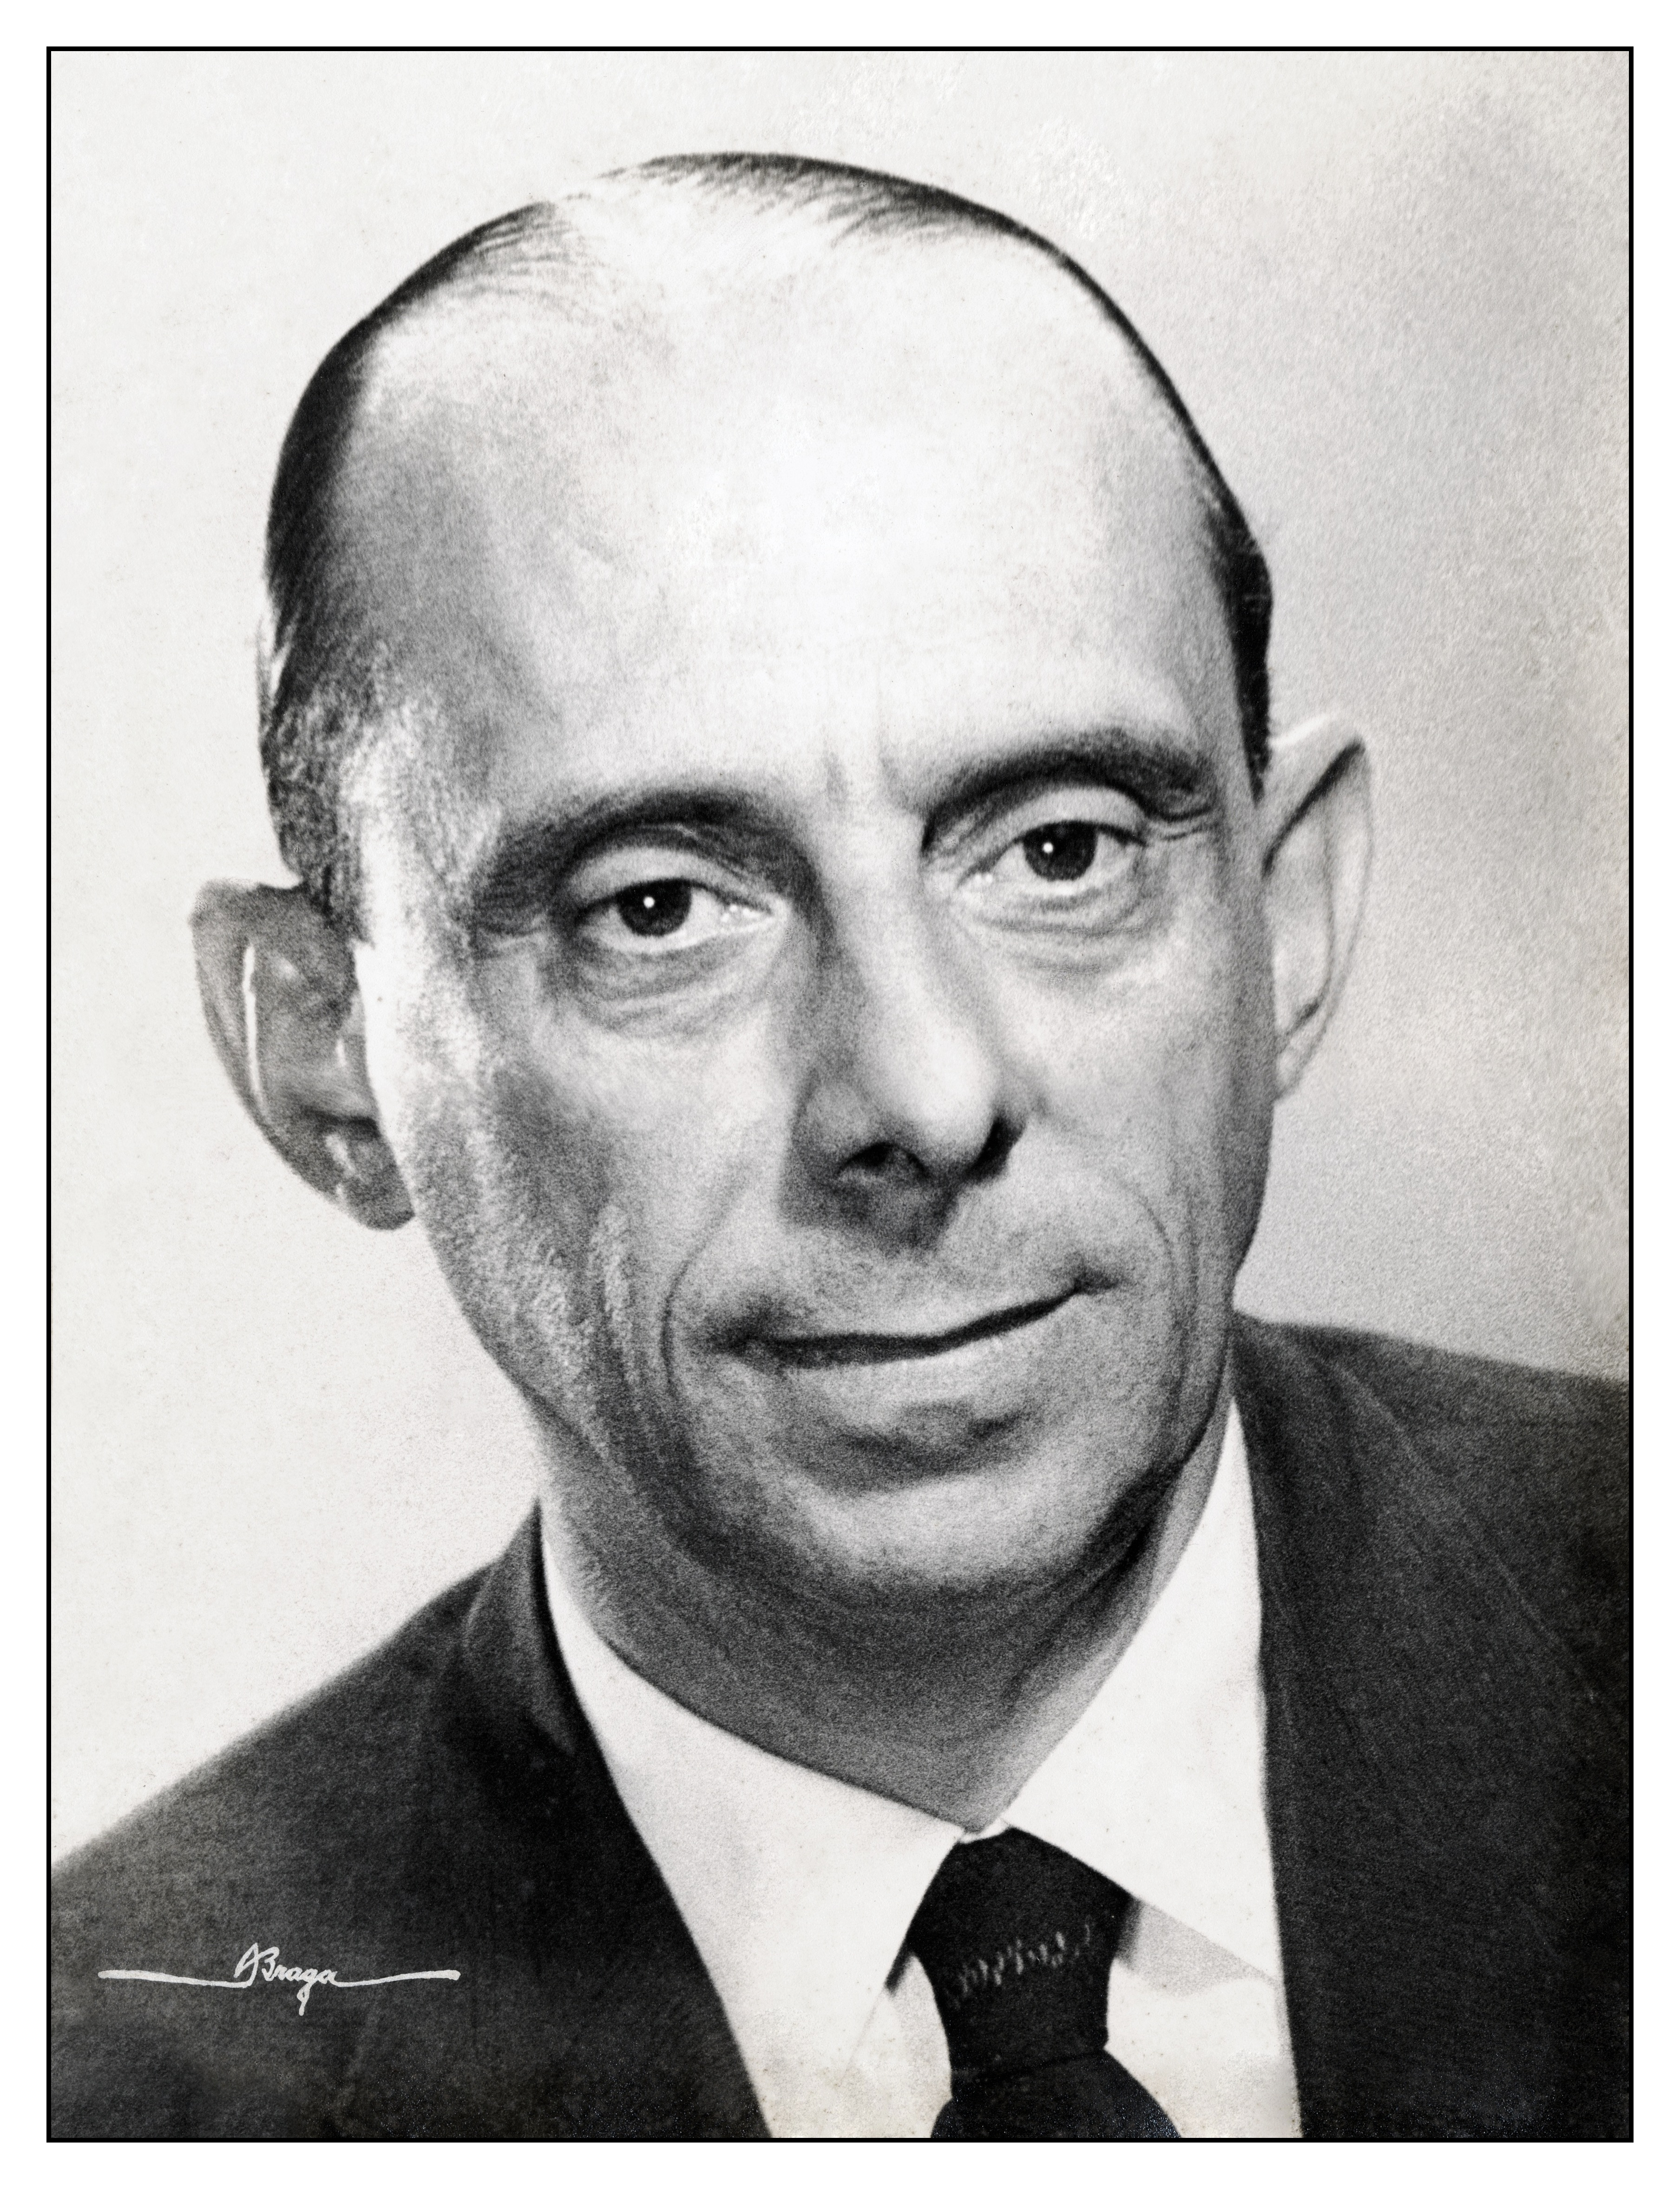 Jorge Frias de Paula